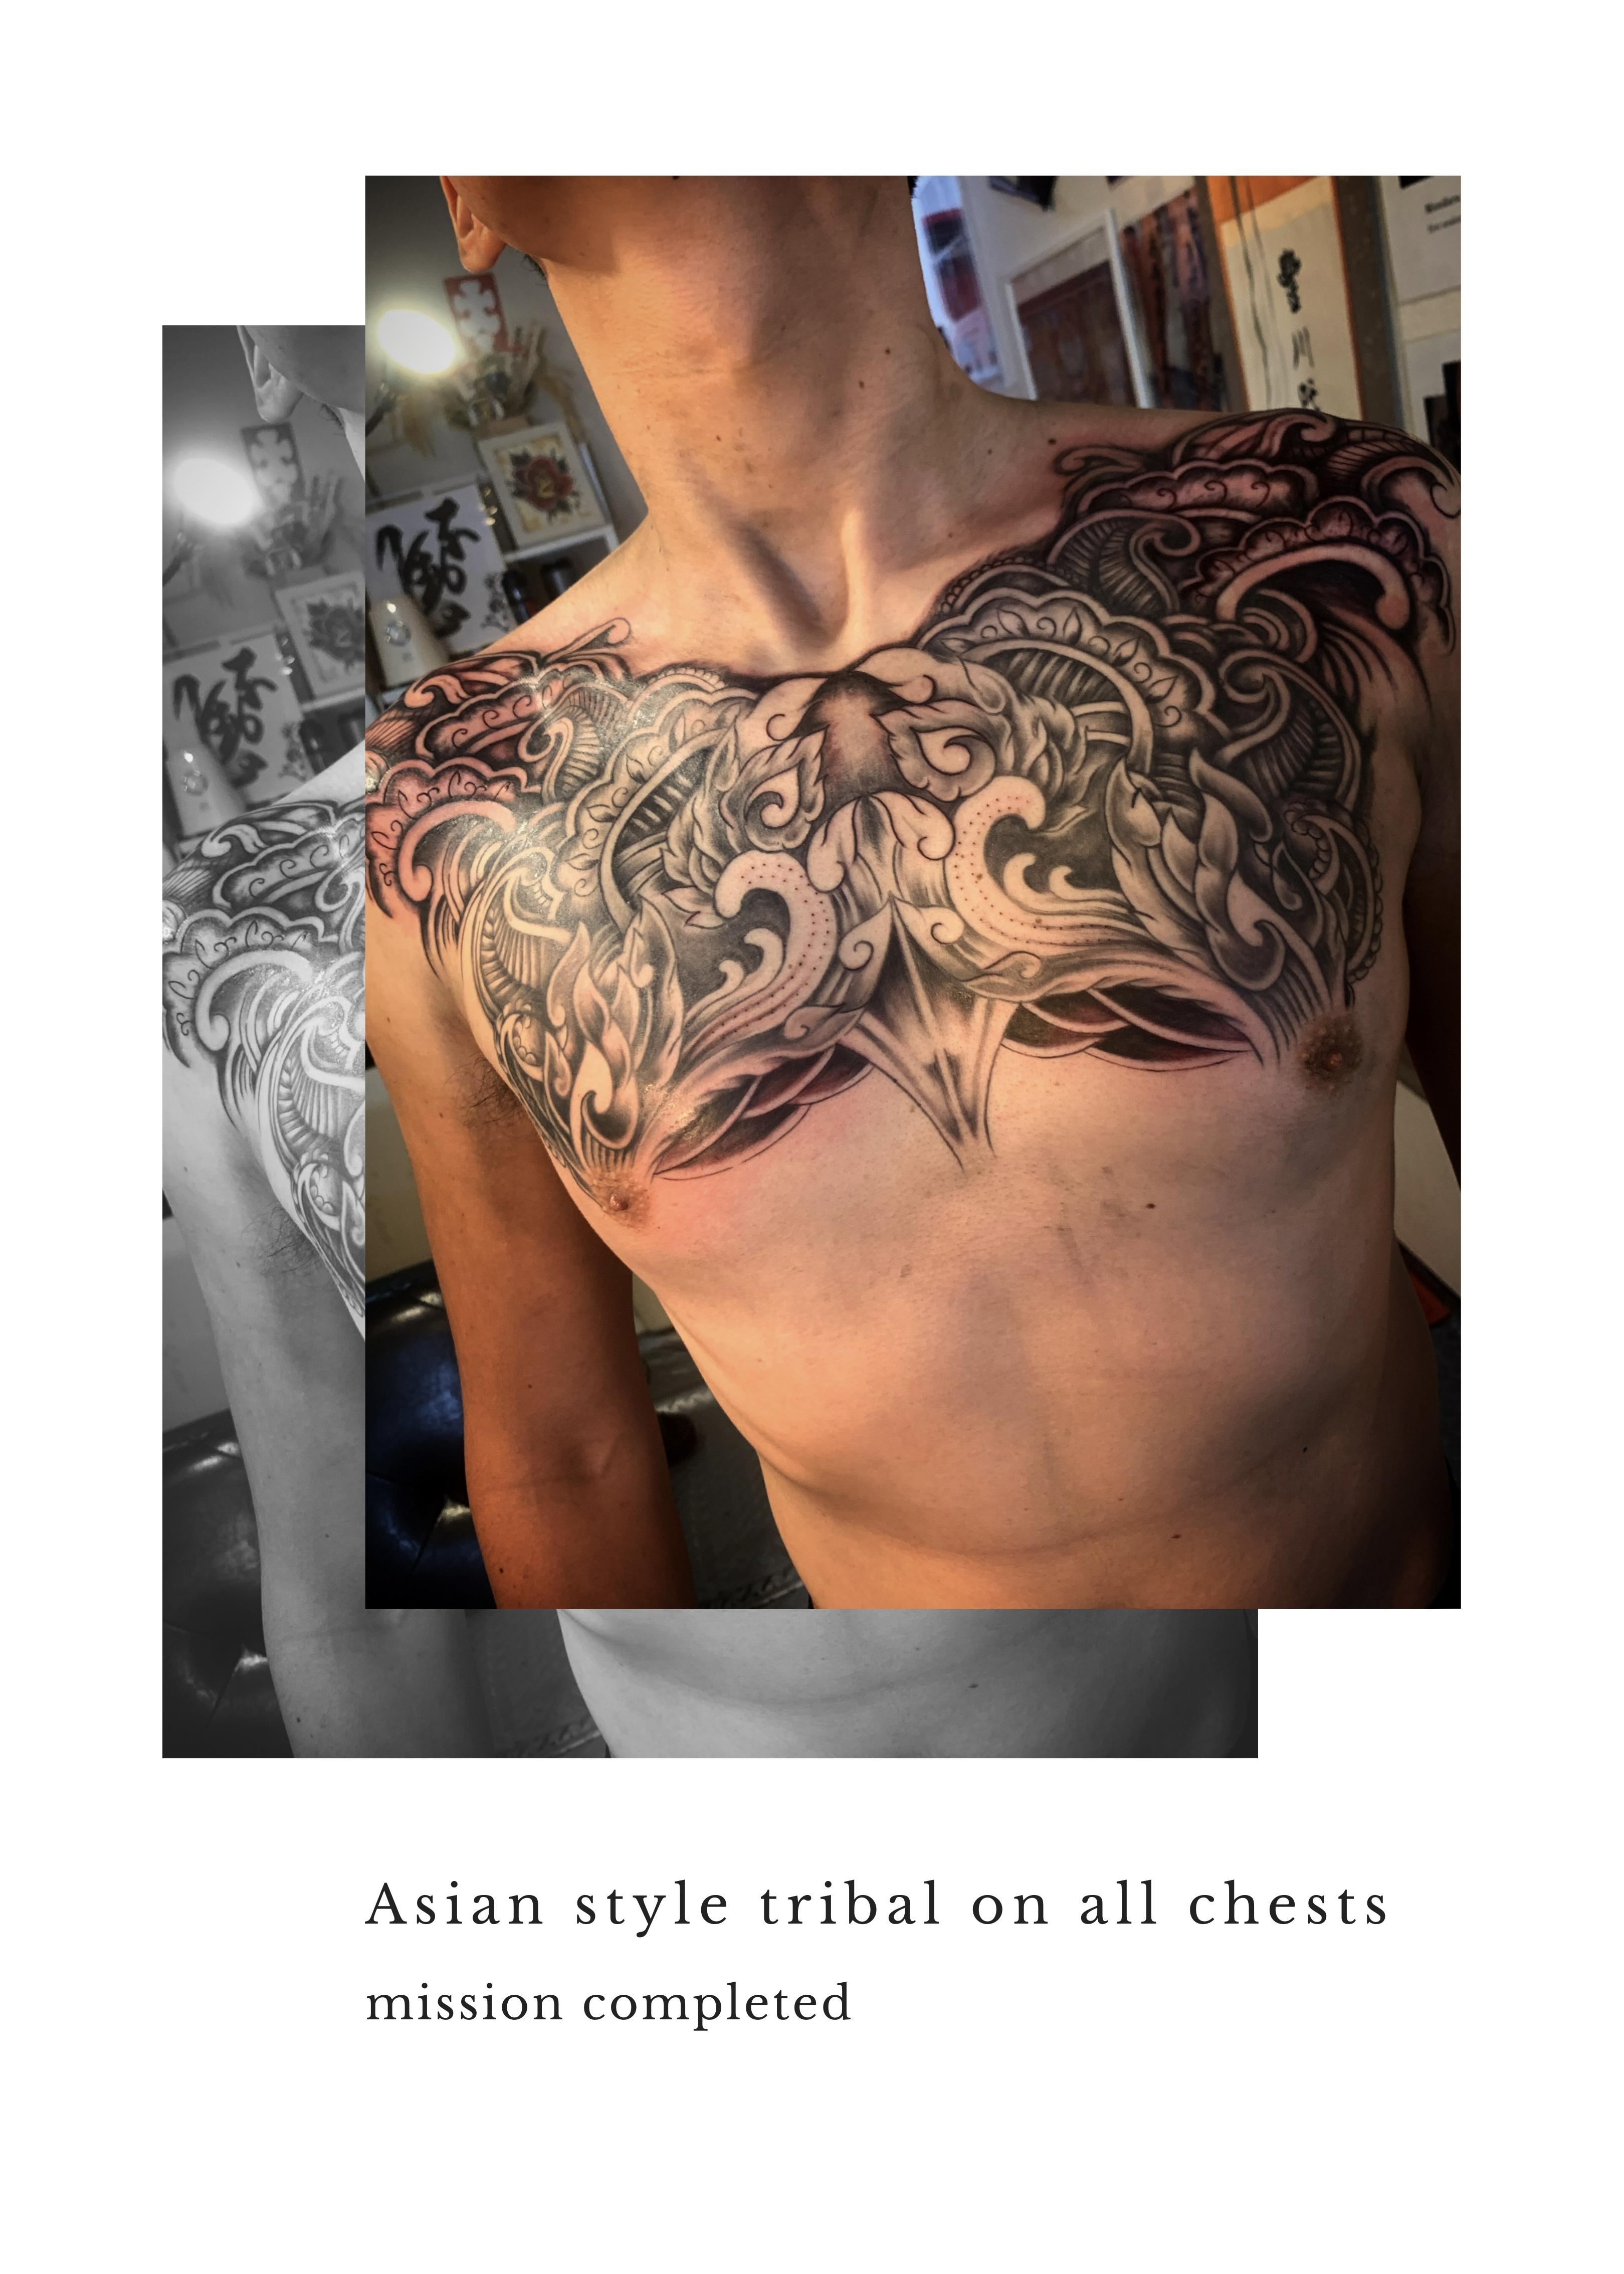 曼荼羅タトゥー | 東京渋谷タトゥースタジオ 刺青師 渋谷伊彫